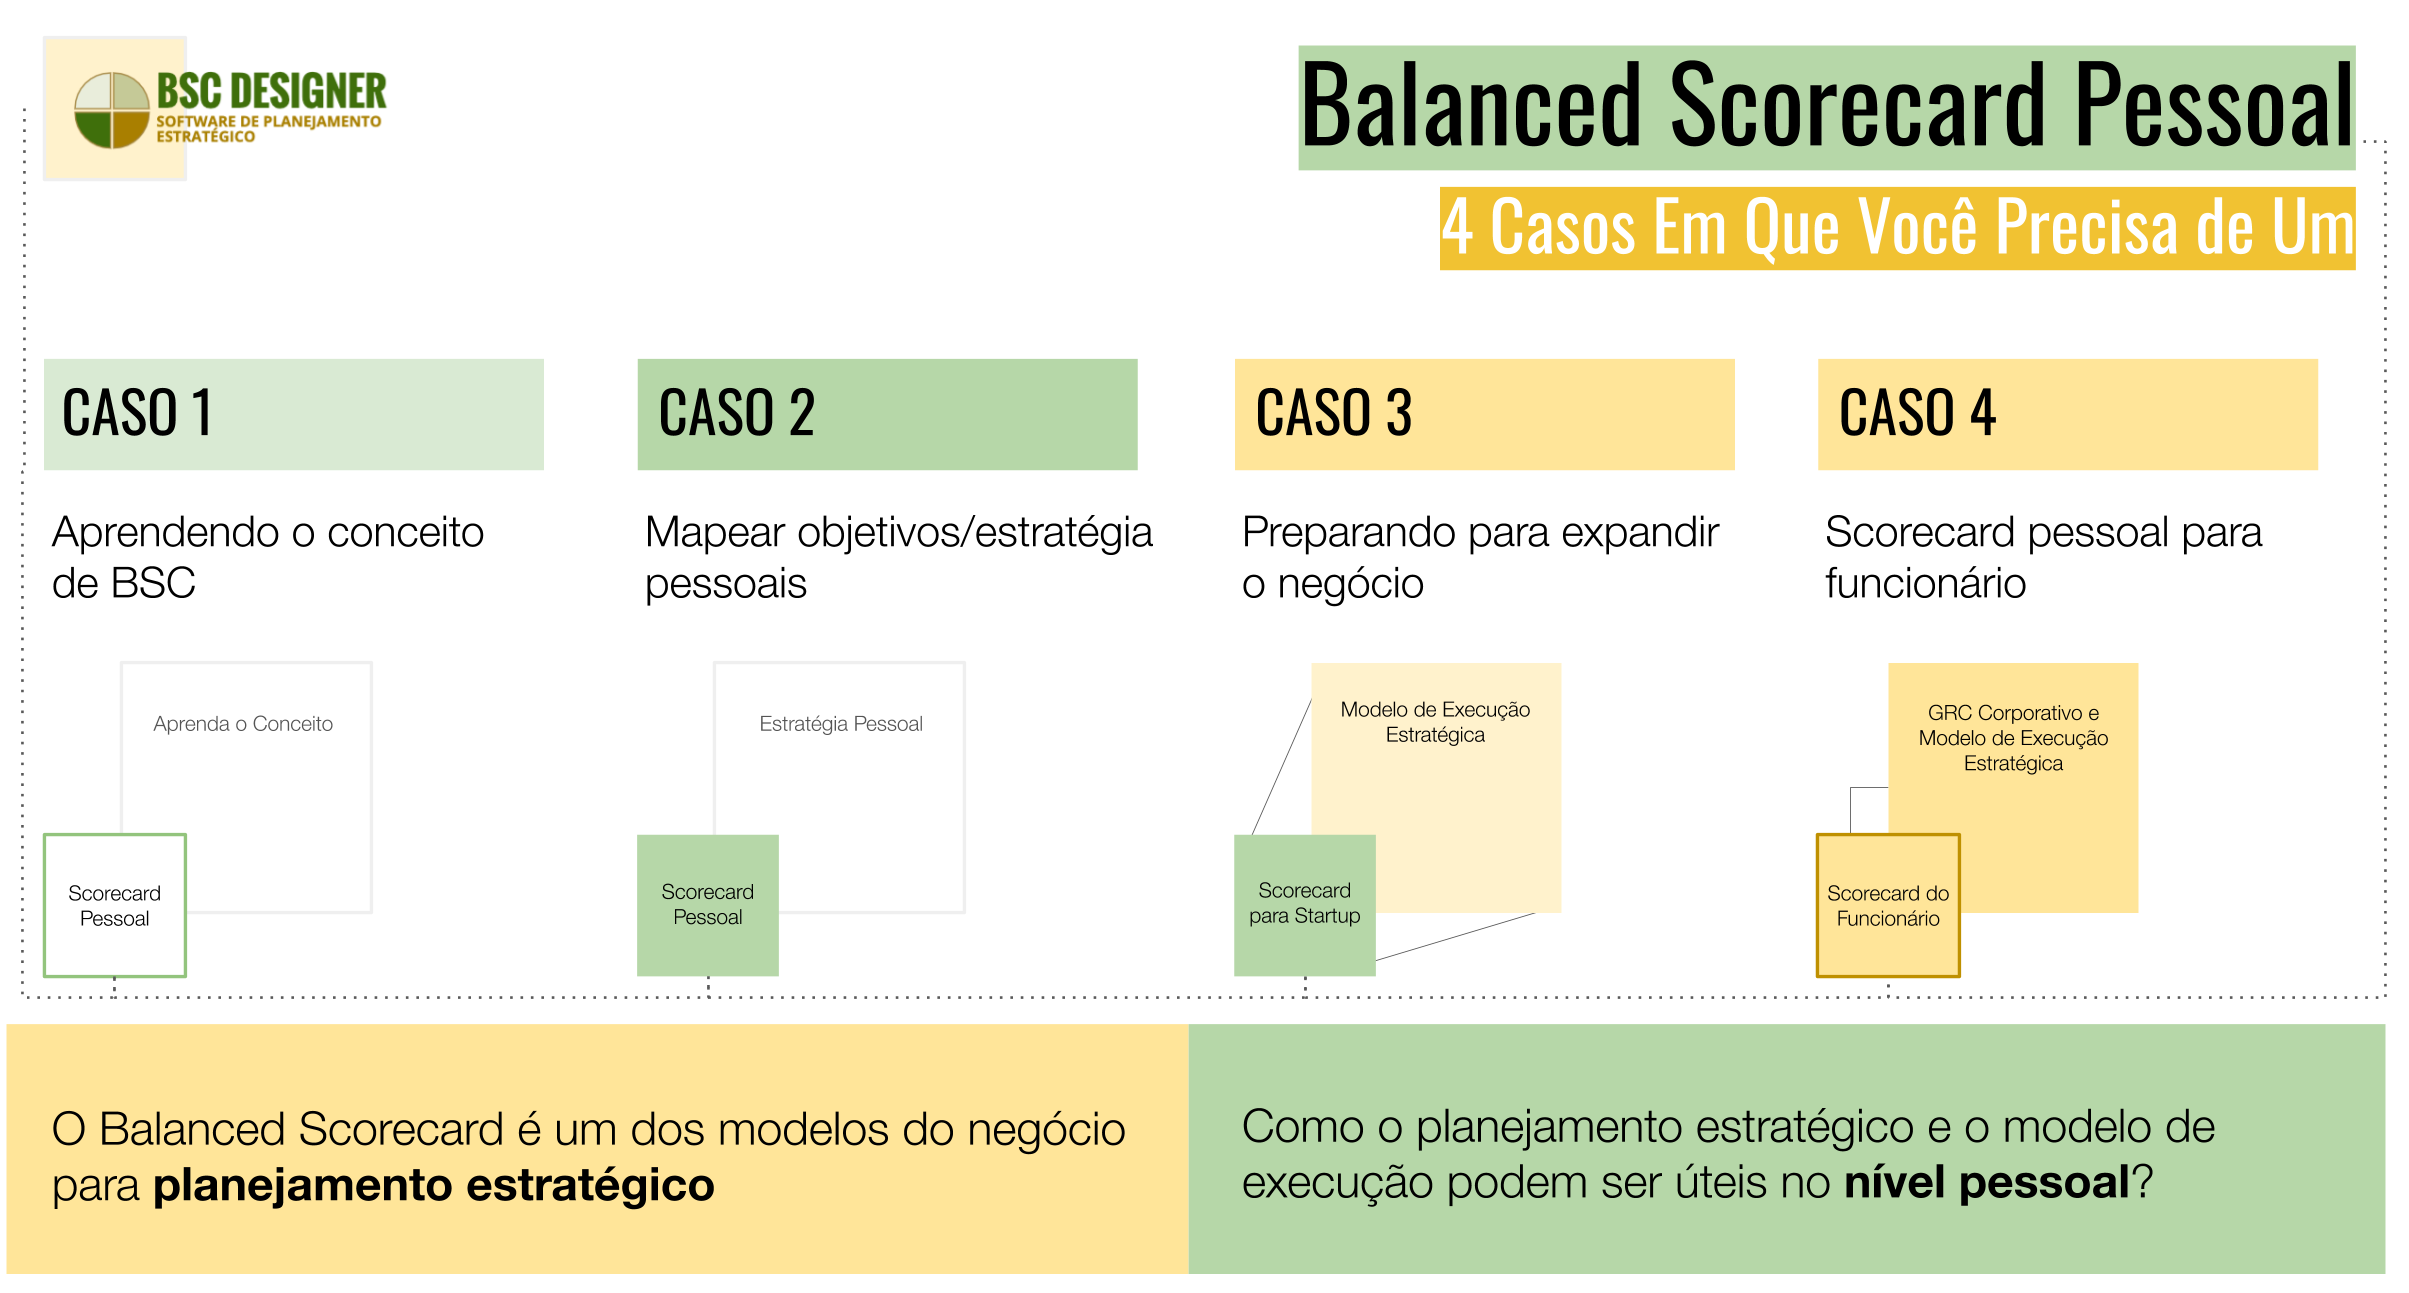 Balanced Scorecard pessoal e de funcionário